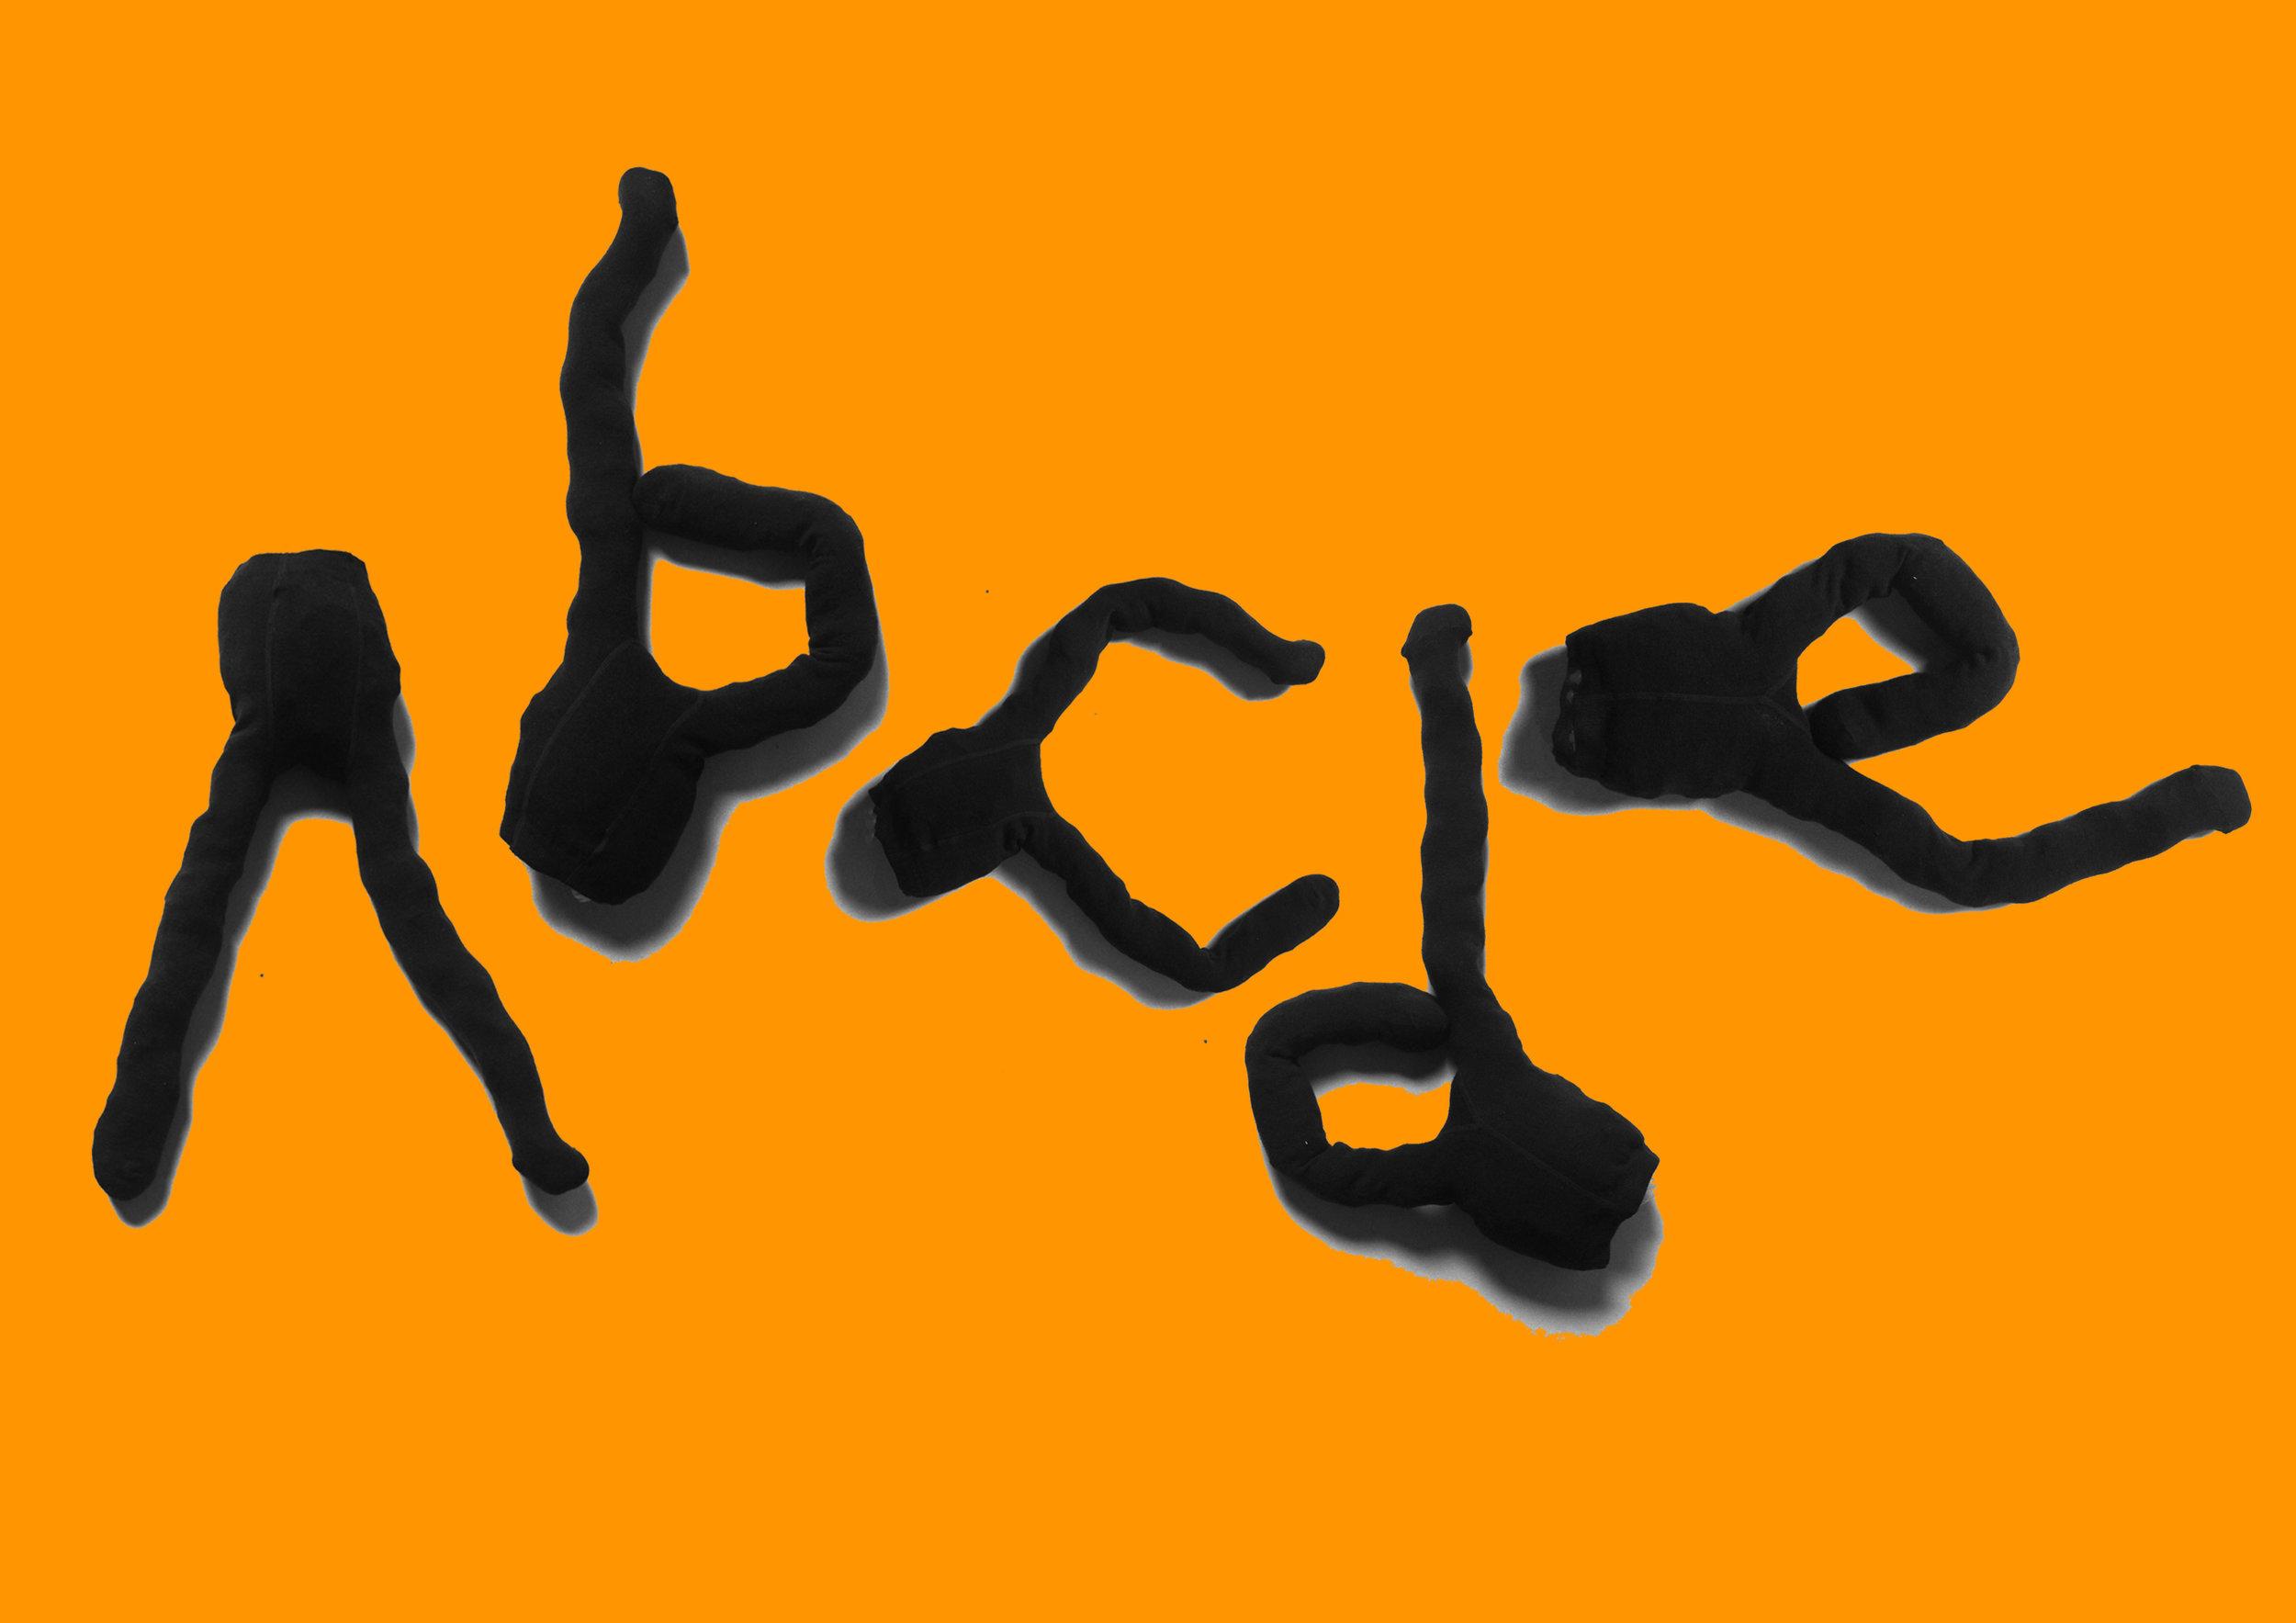 abcdeorange.jpg